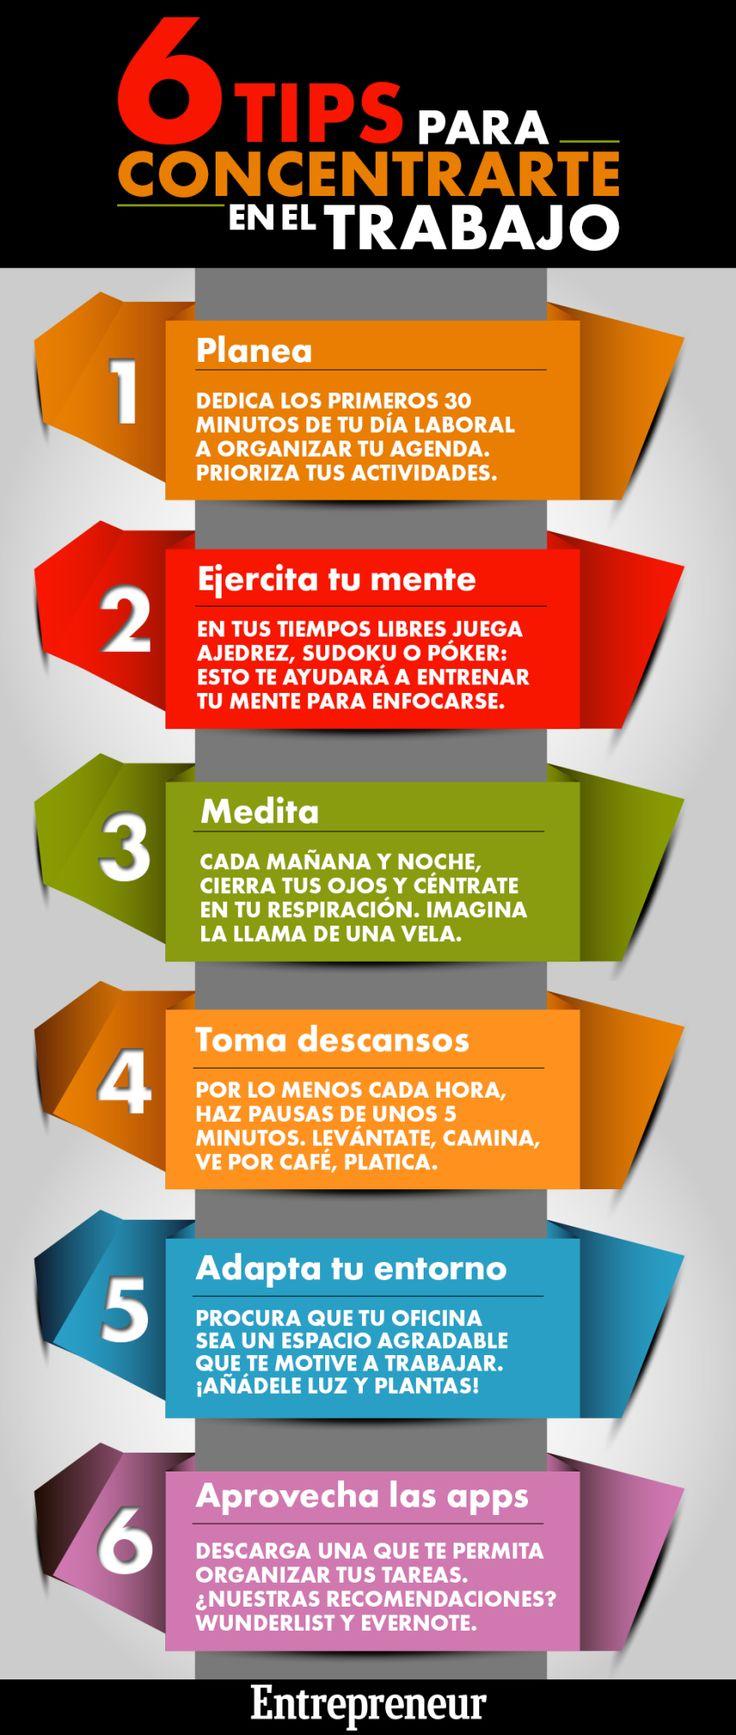 Tips para concentrarte en el trabajo #infografía